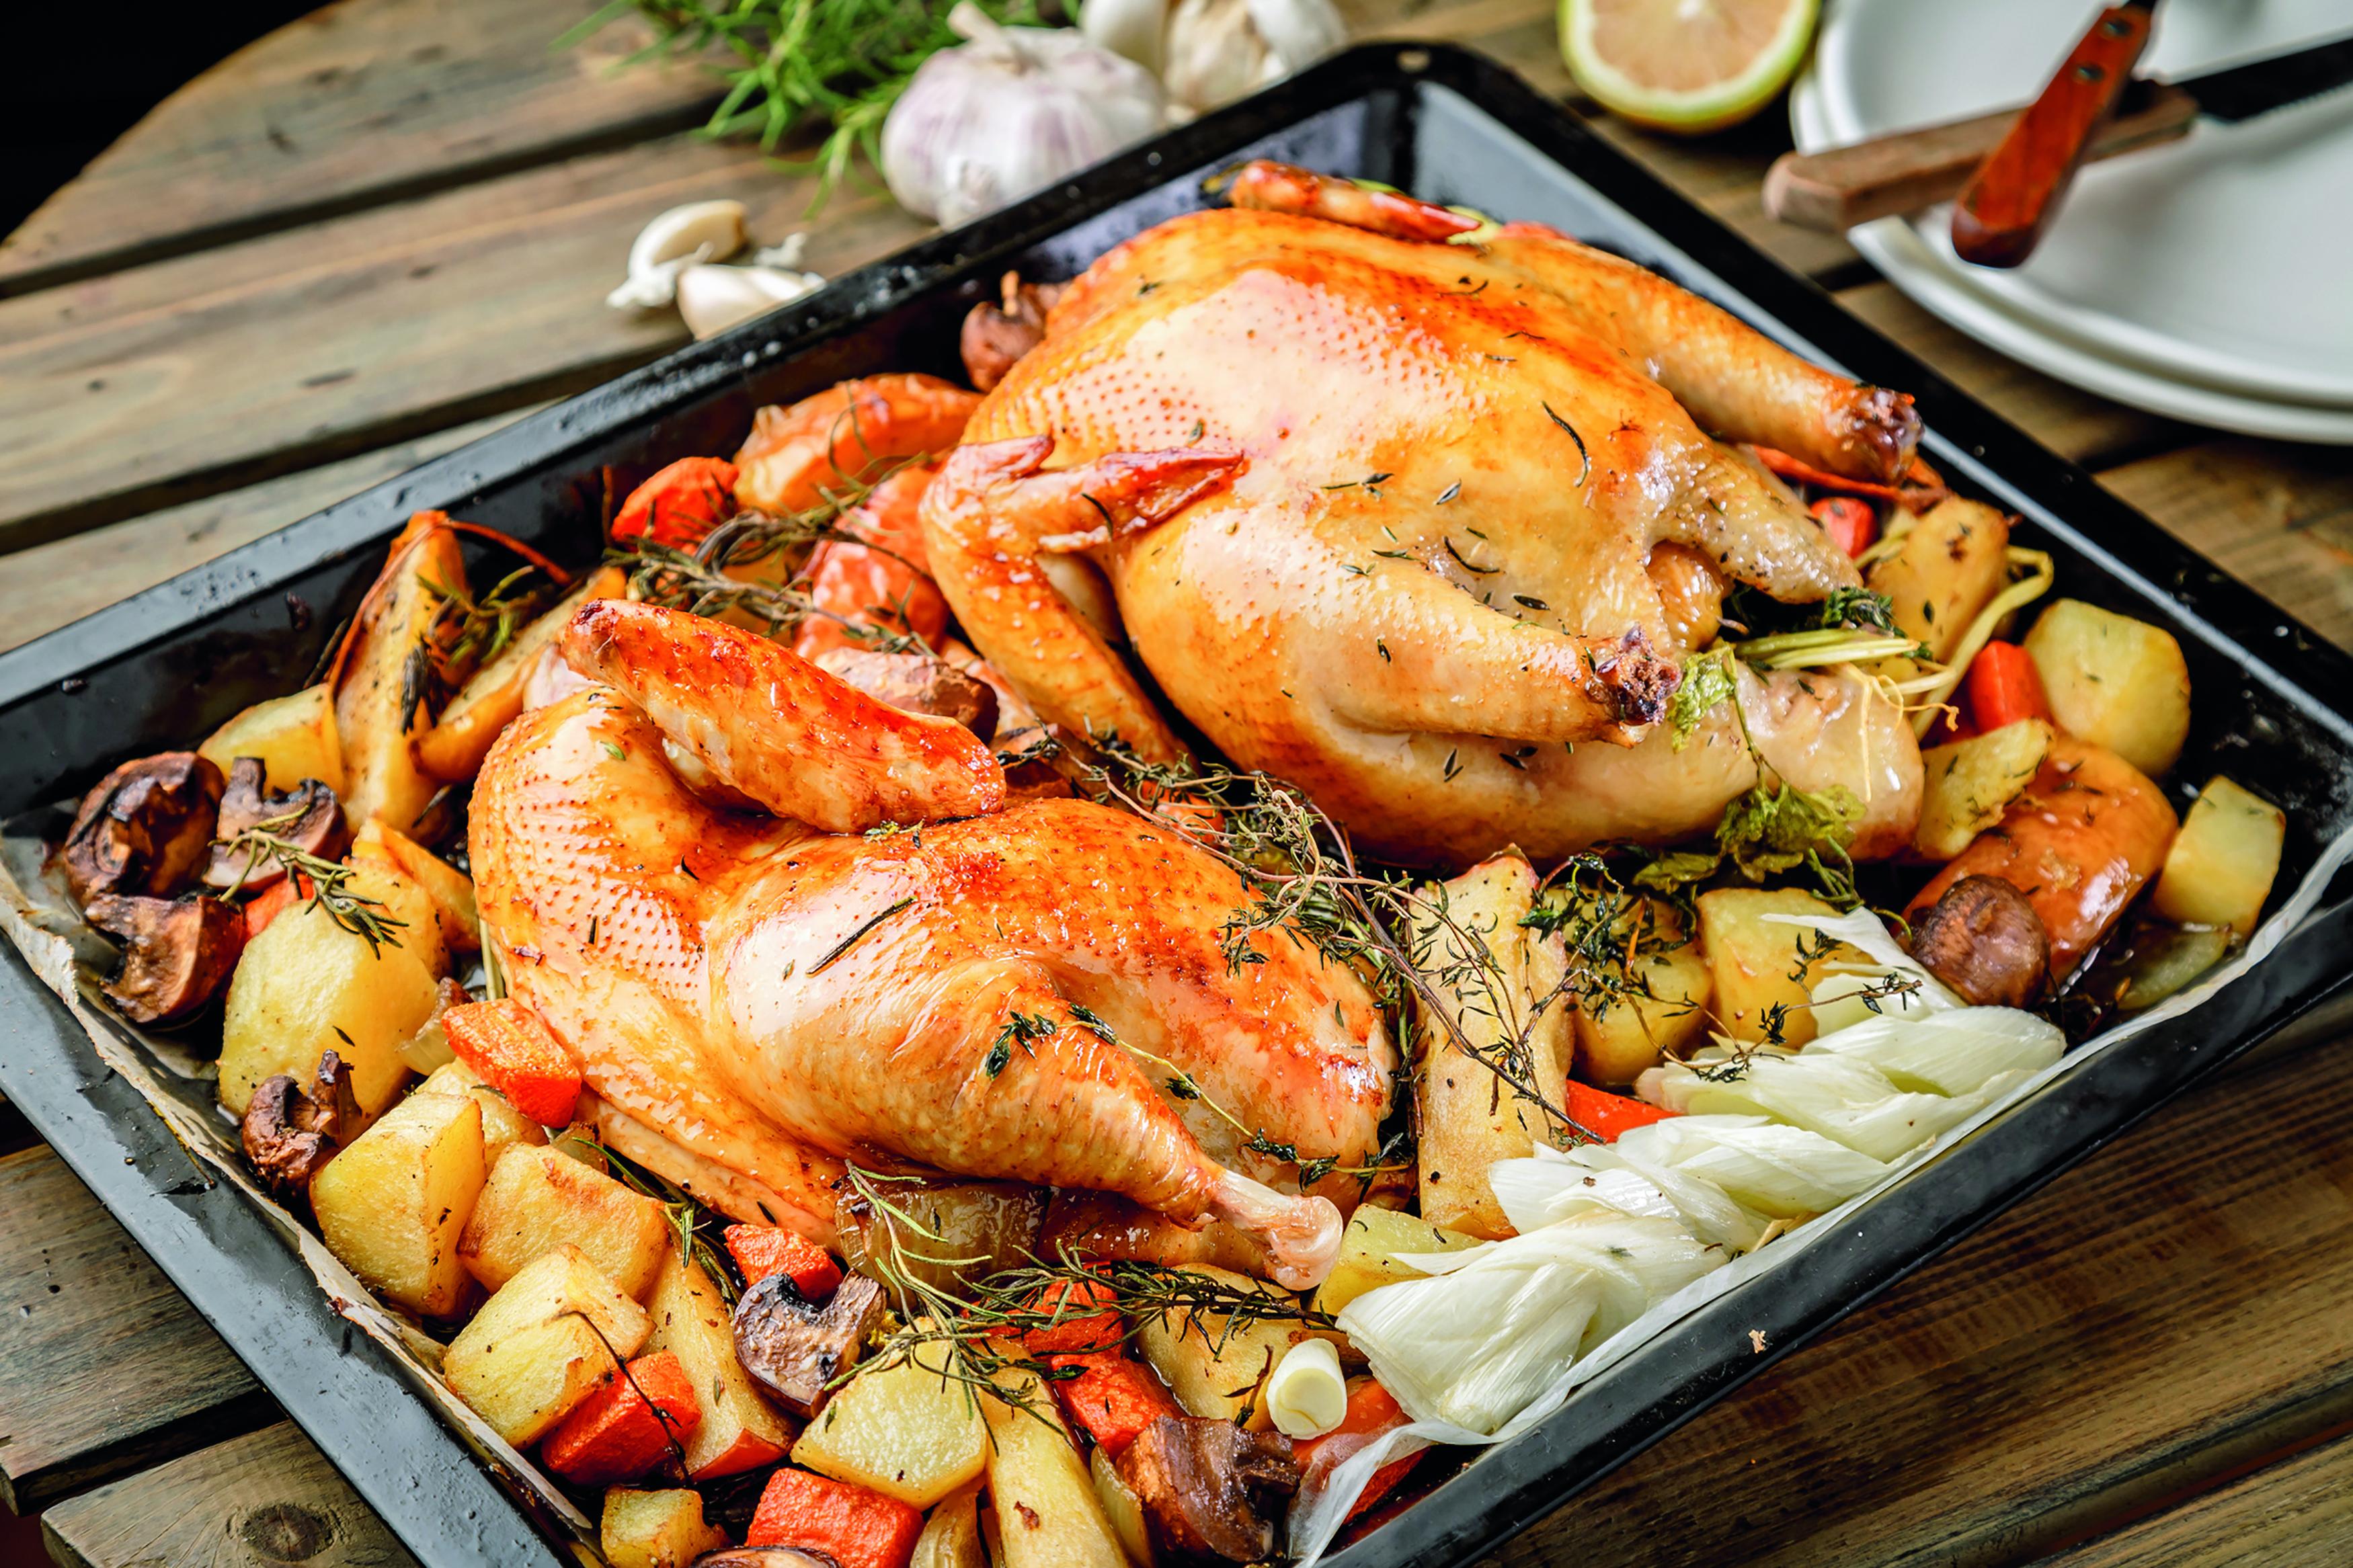 piletina-s-povrcem-i-gljivama